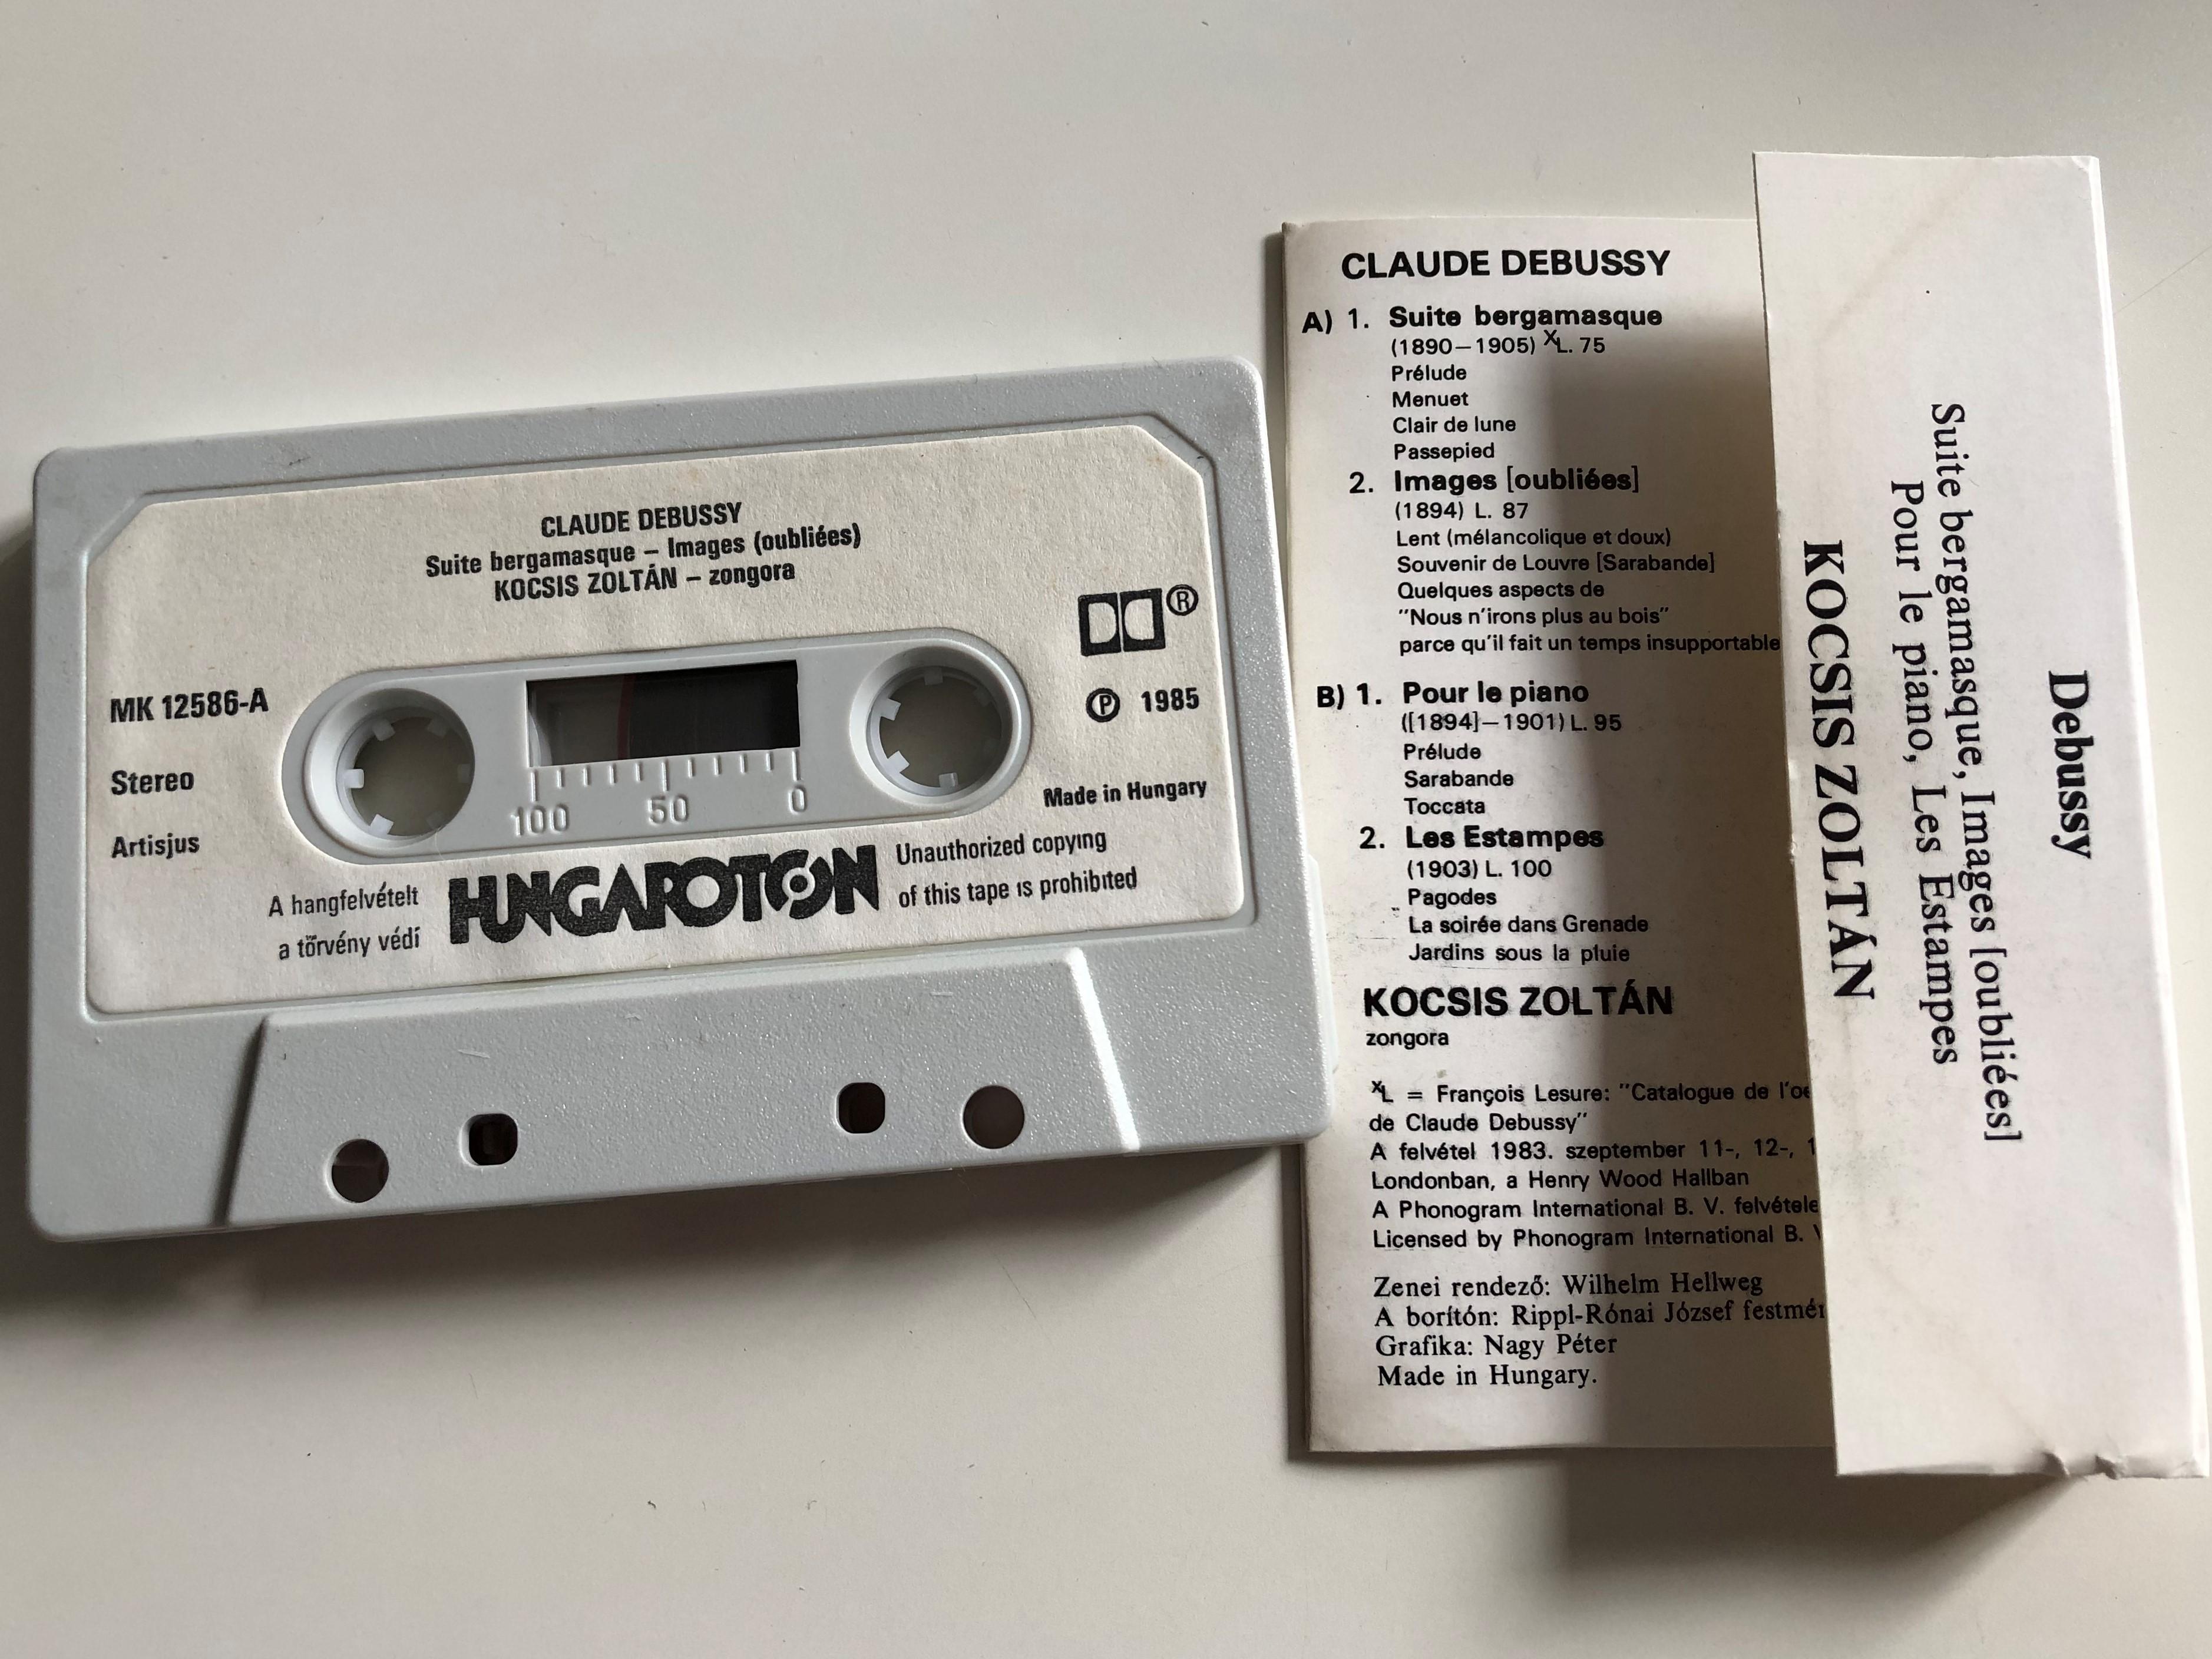 debussy-kocsis-suite-bergamasque-images-oubli-es-pour-le-piano-les-estampes-hungaroton-cassette-stereo-mk-12586-a-2-.jpg